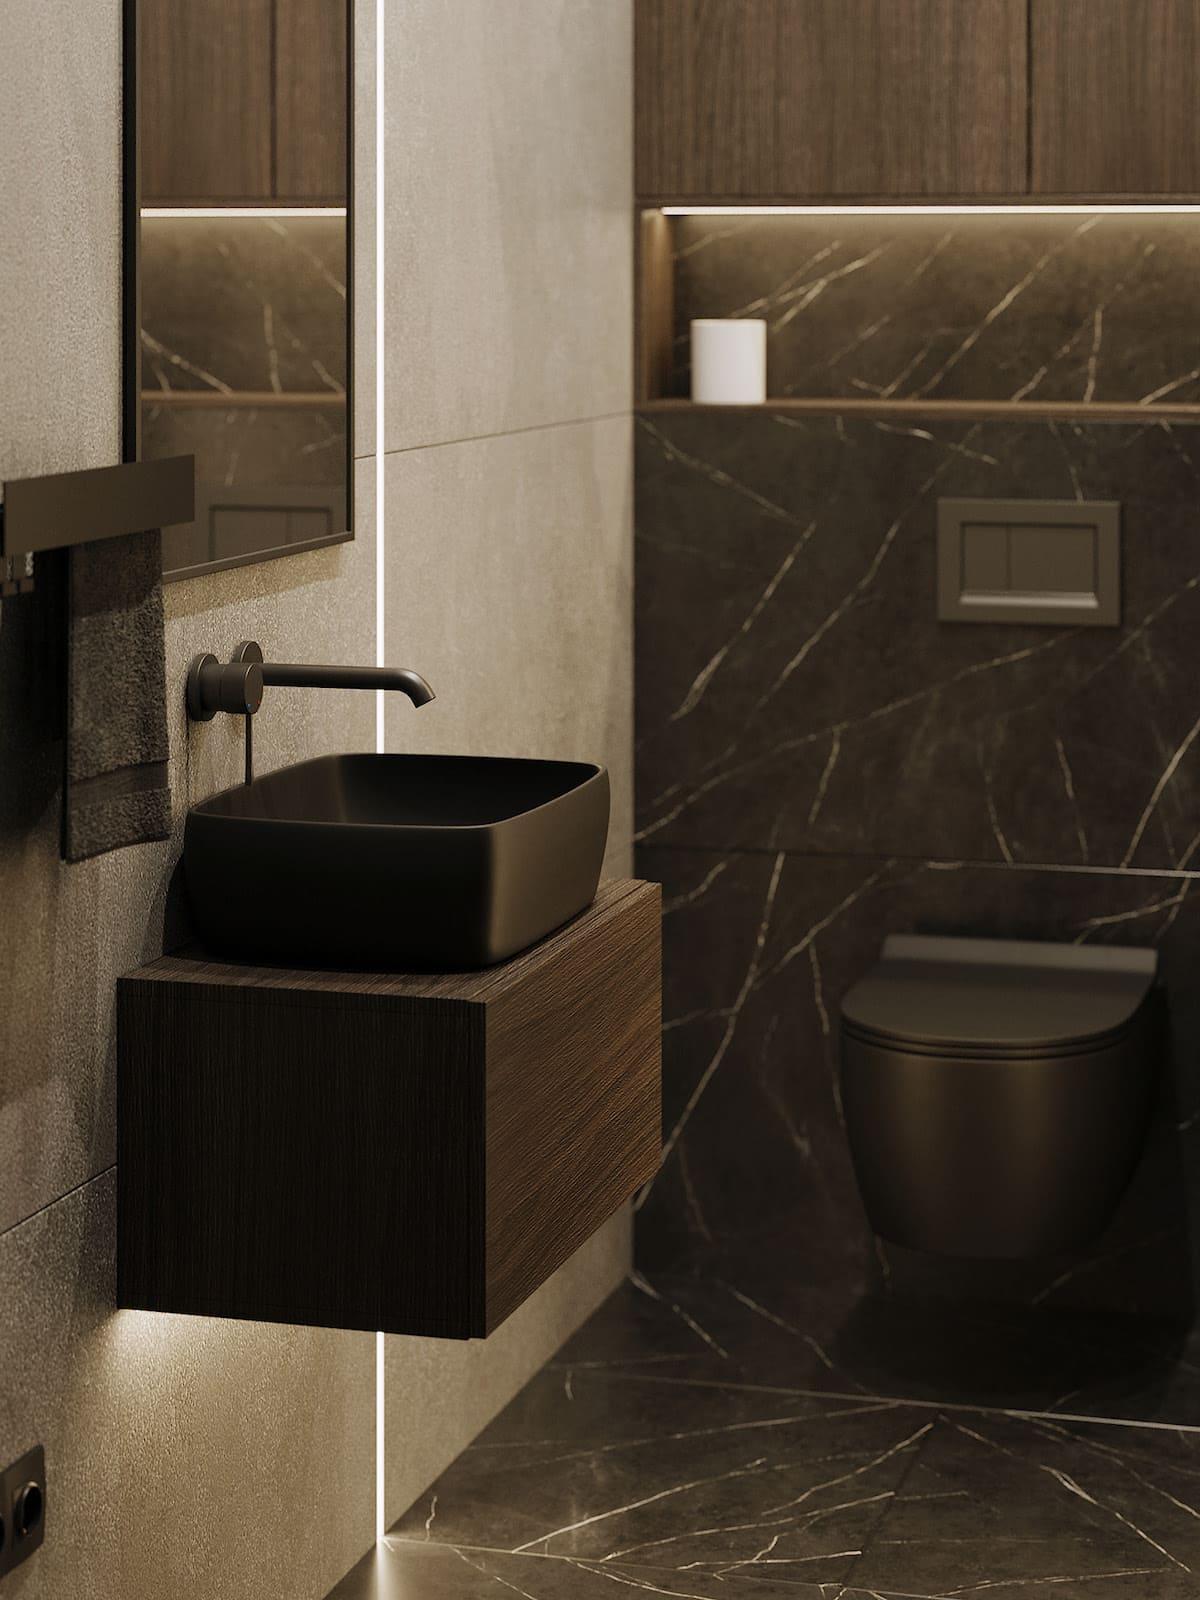 дизайн интерьера ванной комнаты фото 87